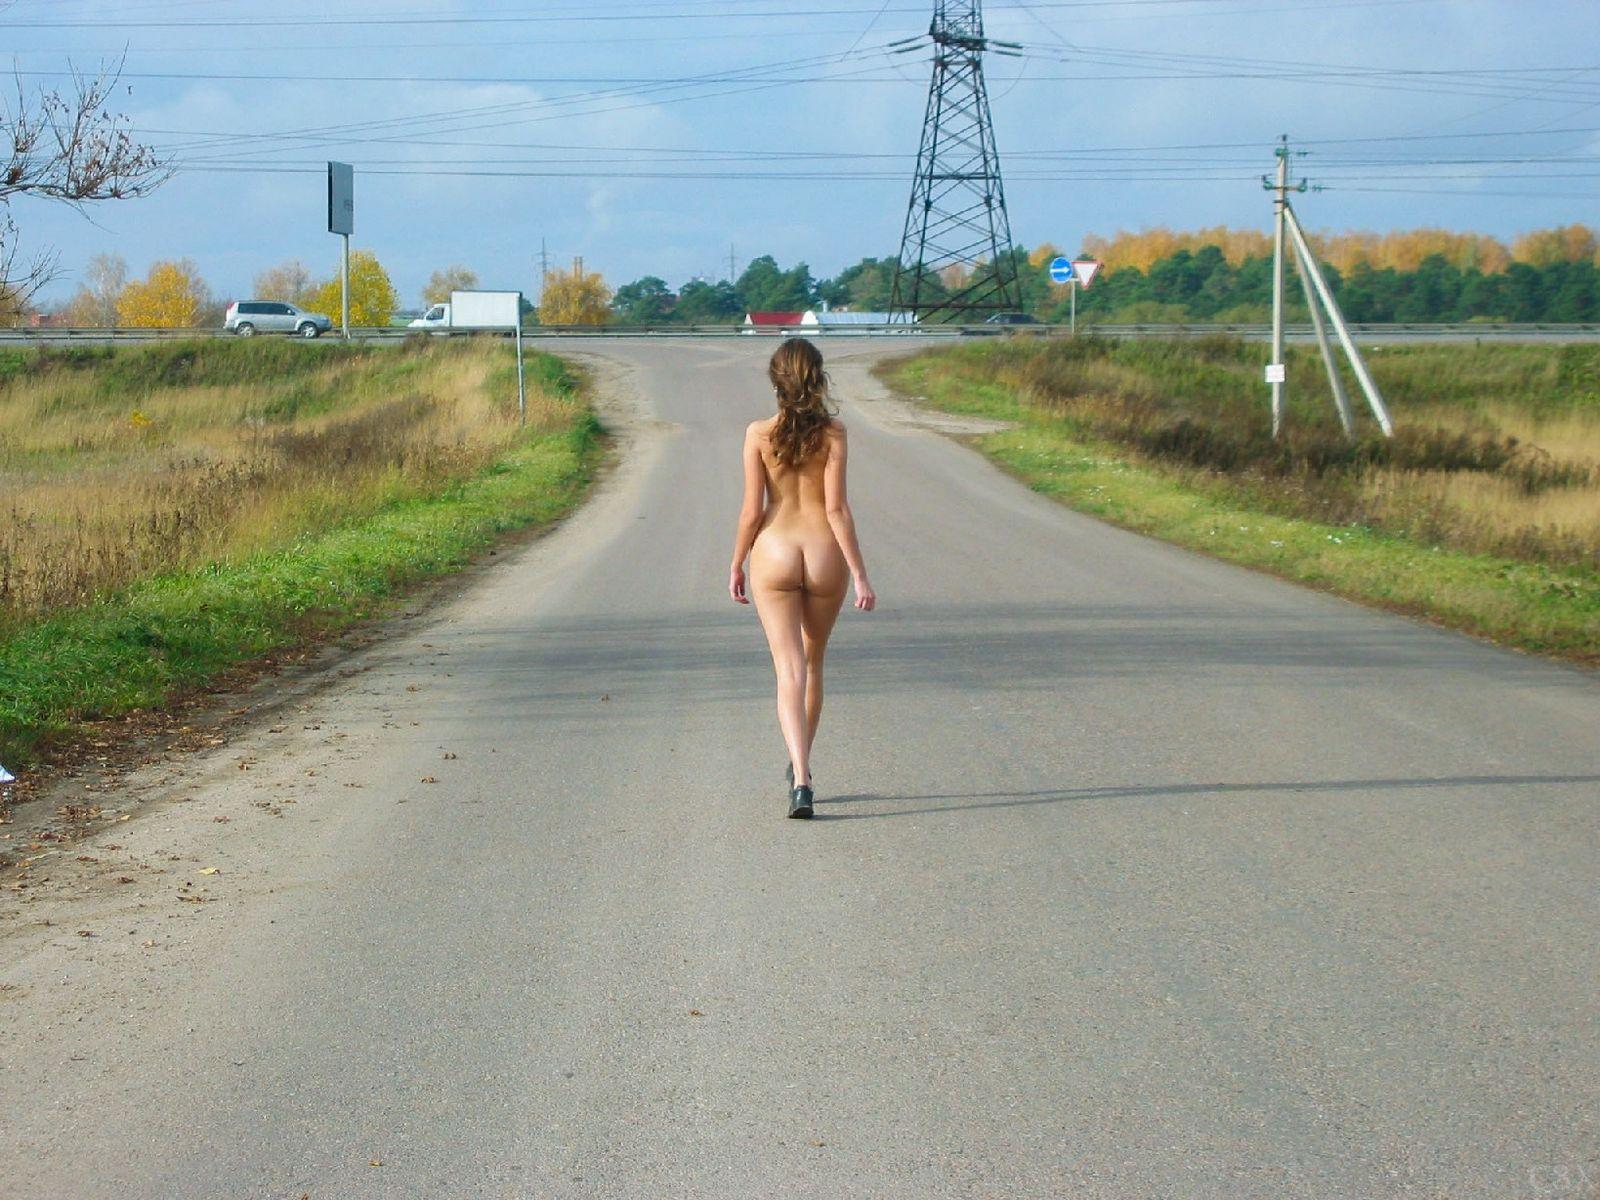 Русская барышня Оля не стесняется голеньких фоток на улице